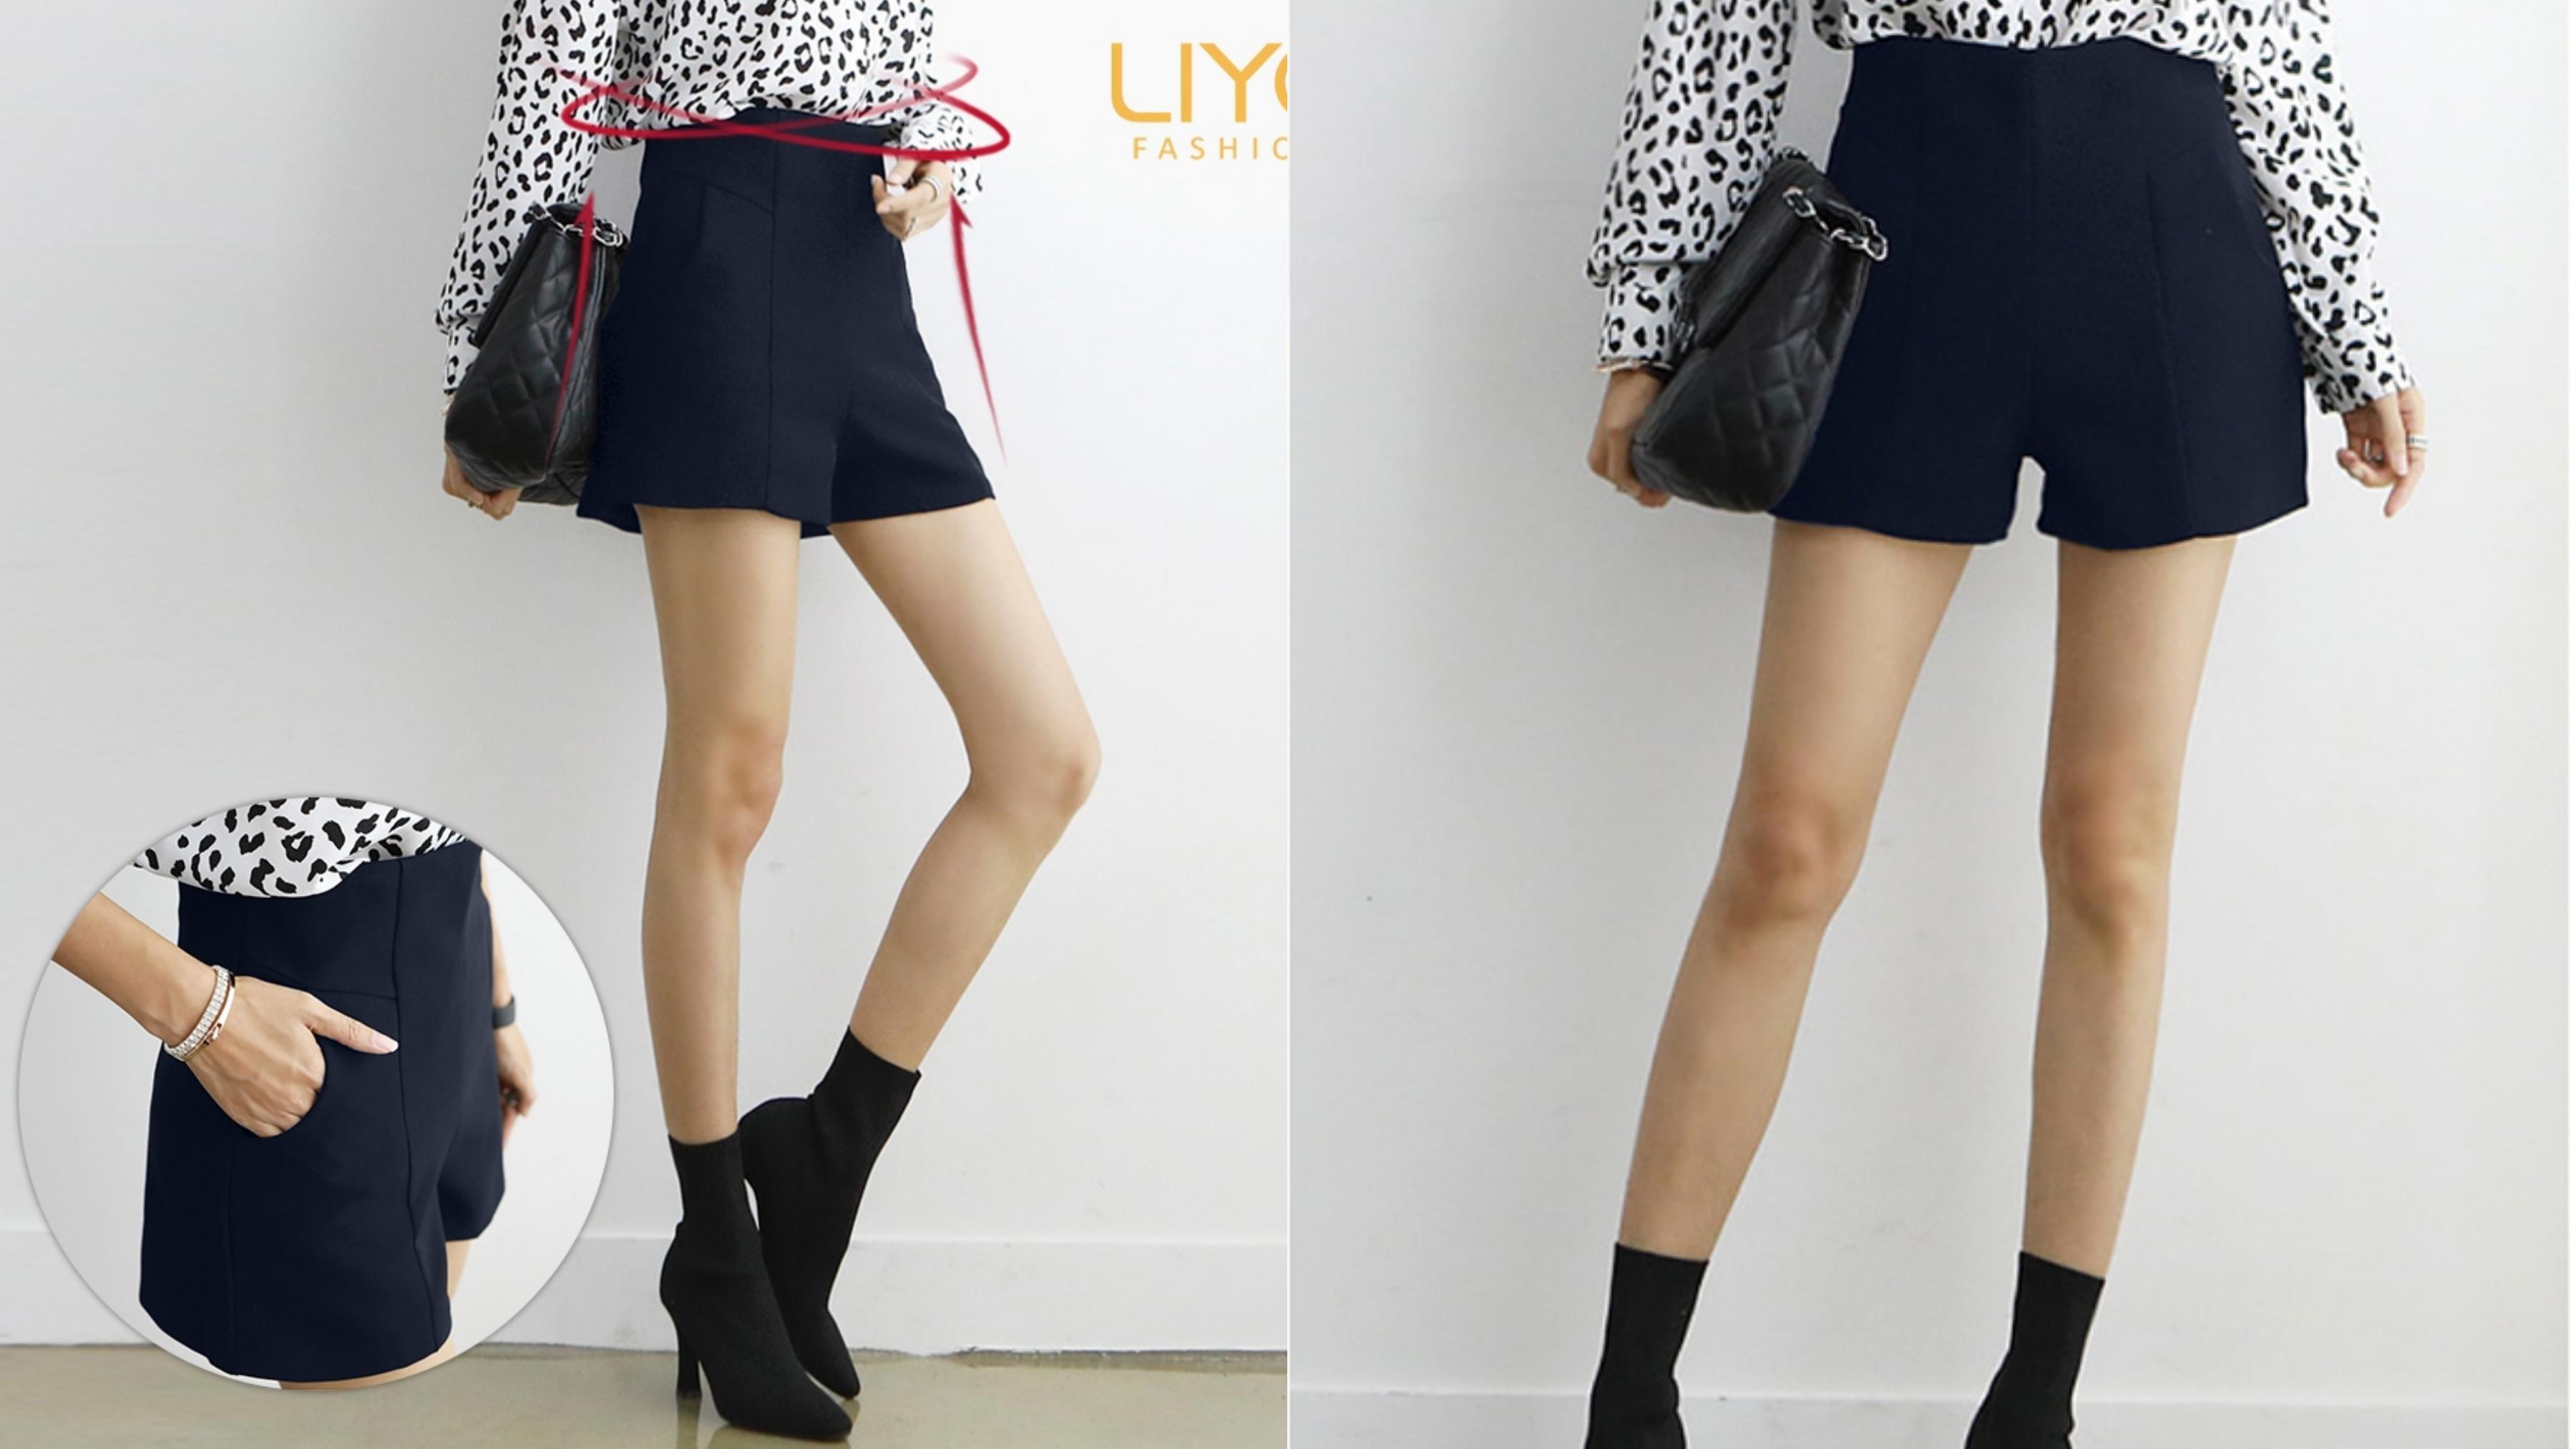 鬆緊設計舒適貼身,修身剪裁打造迷人長腿&時髦個性